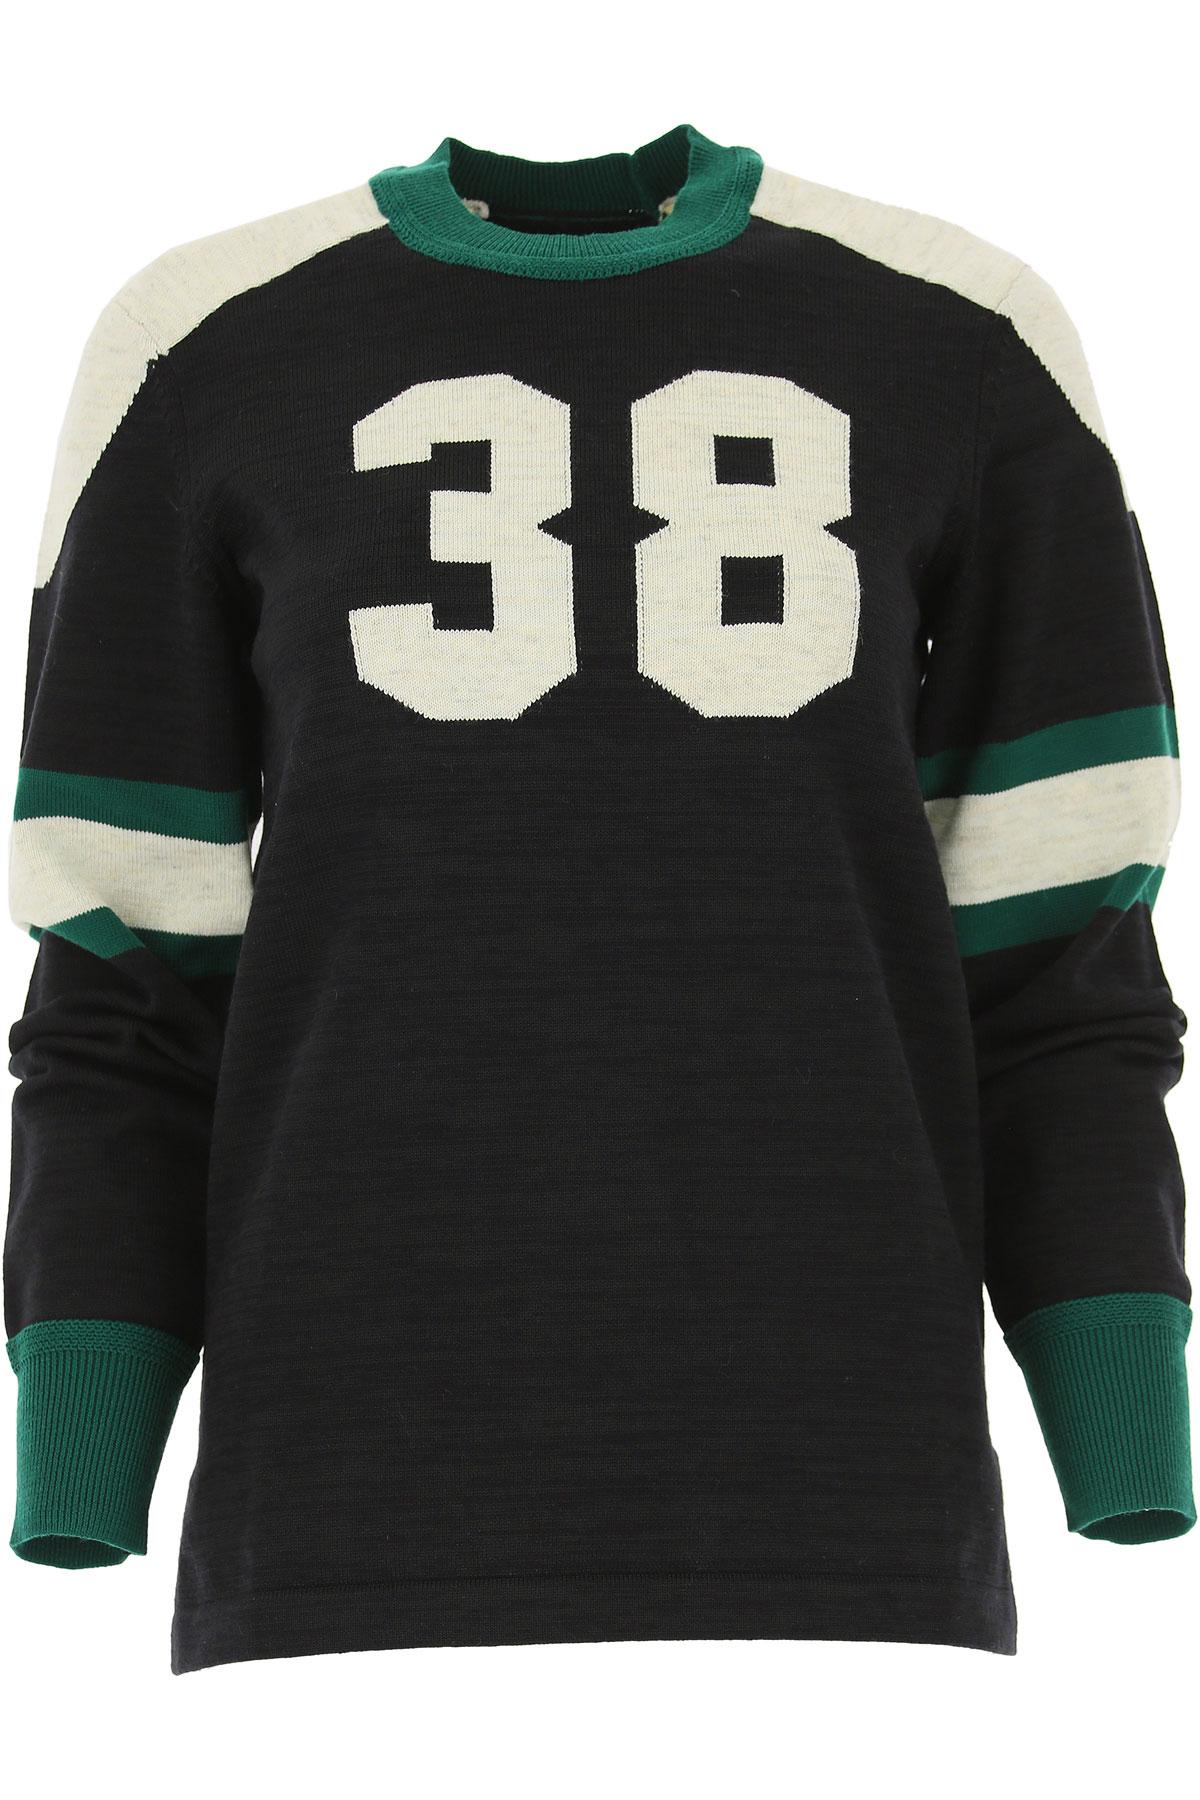 Isabel Marant Sweater for Women Jumper, Black, Cotton, 2017, FR 34 • IT 38 FR 34 • IT 38 FR 36 • IT 40 FR 38 • IT 42 USA-478221